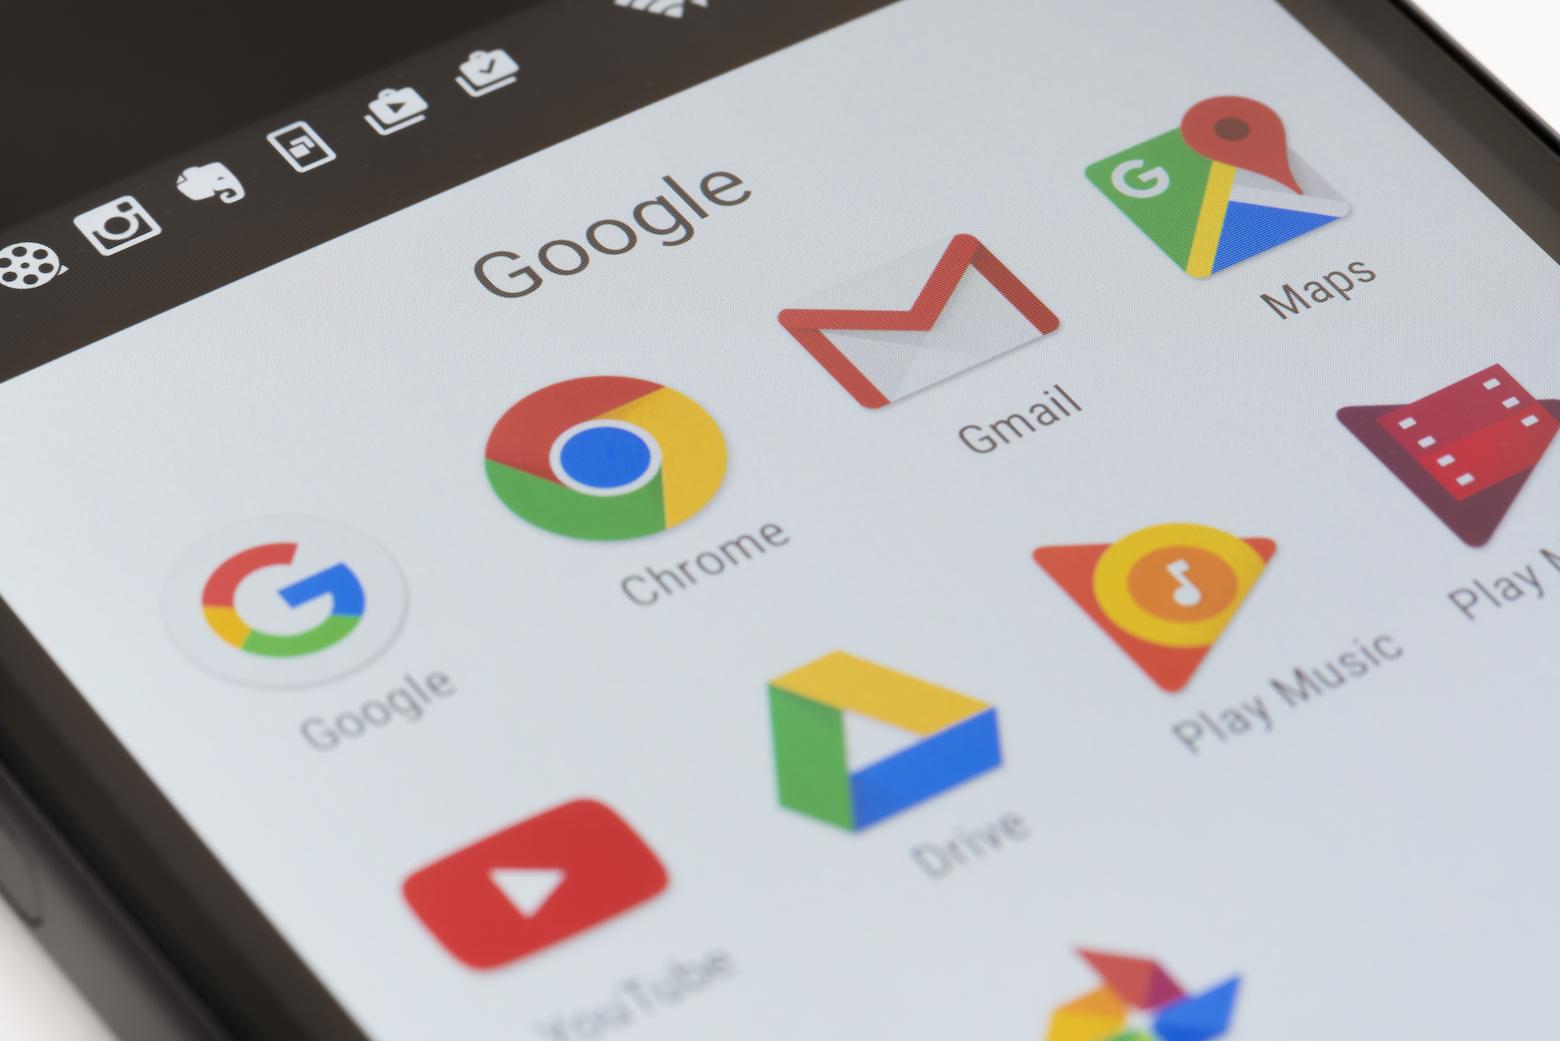 Gmail phishing attack